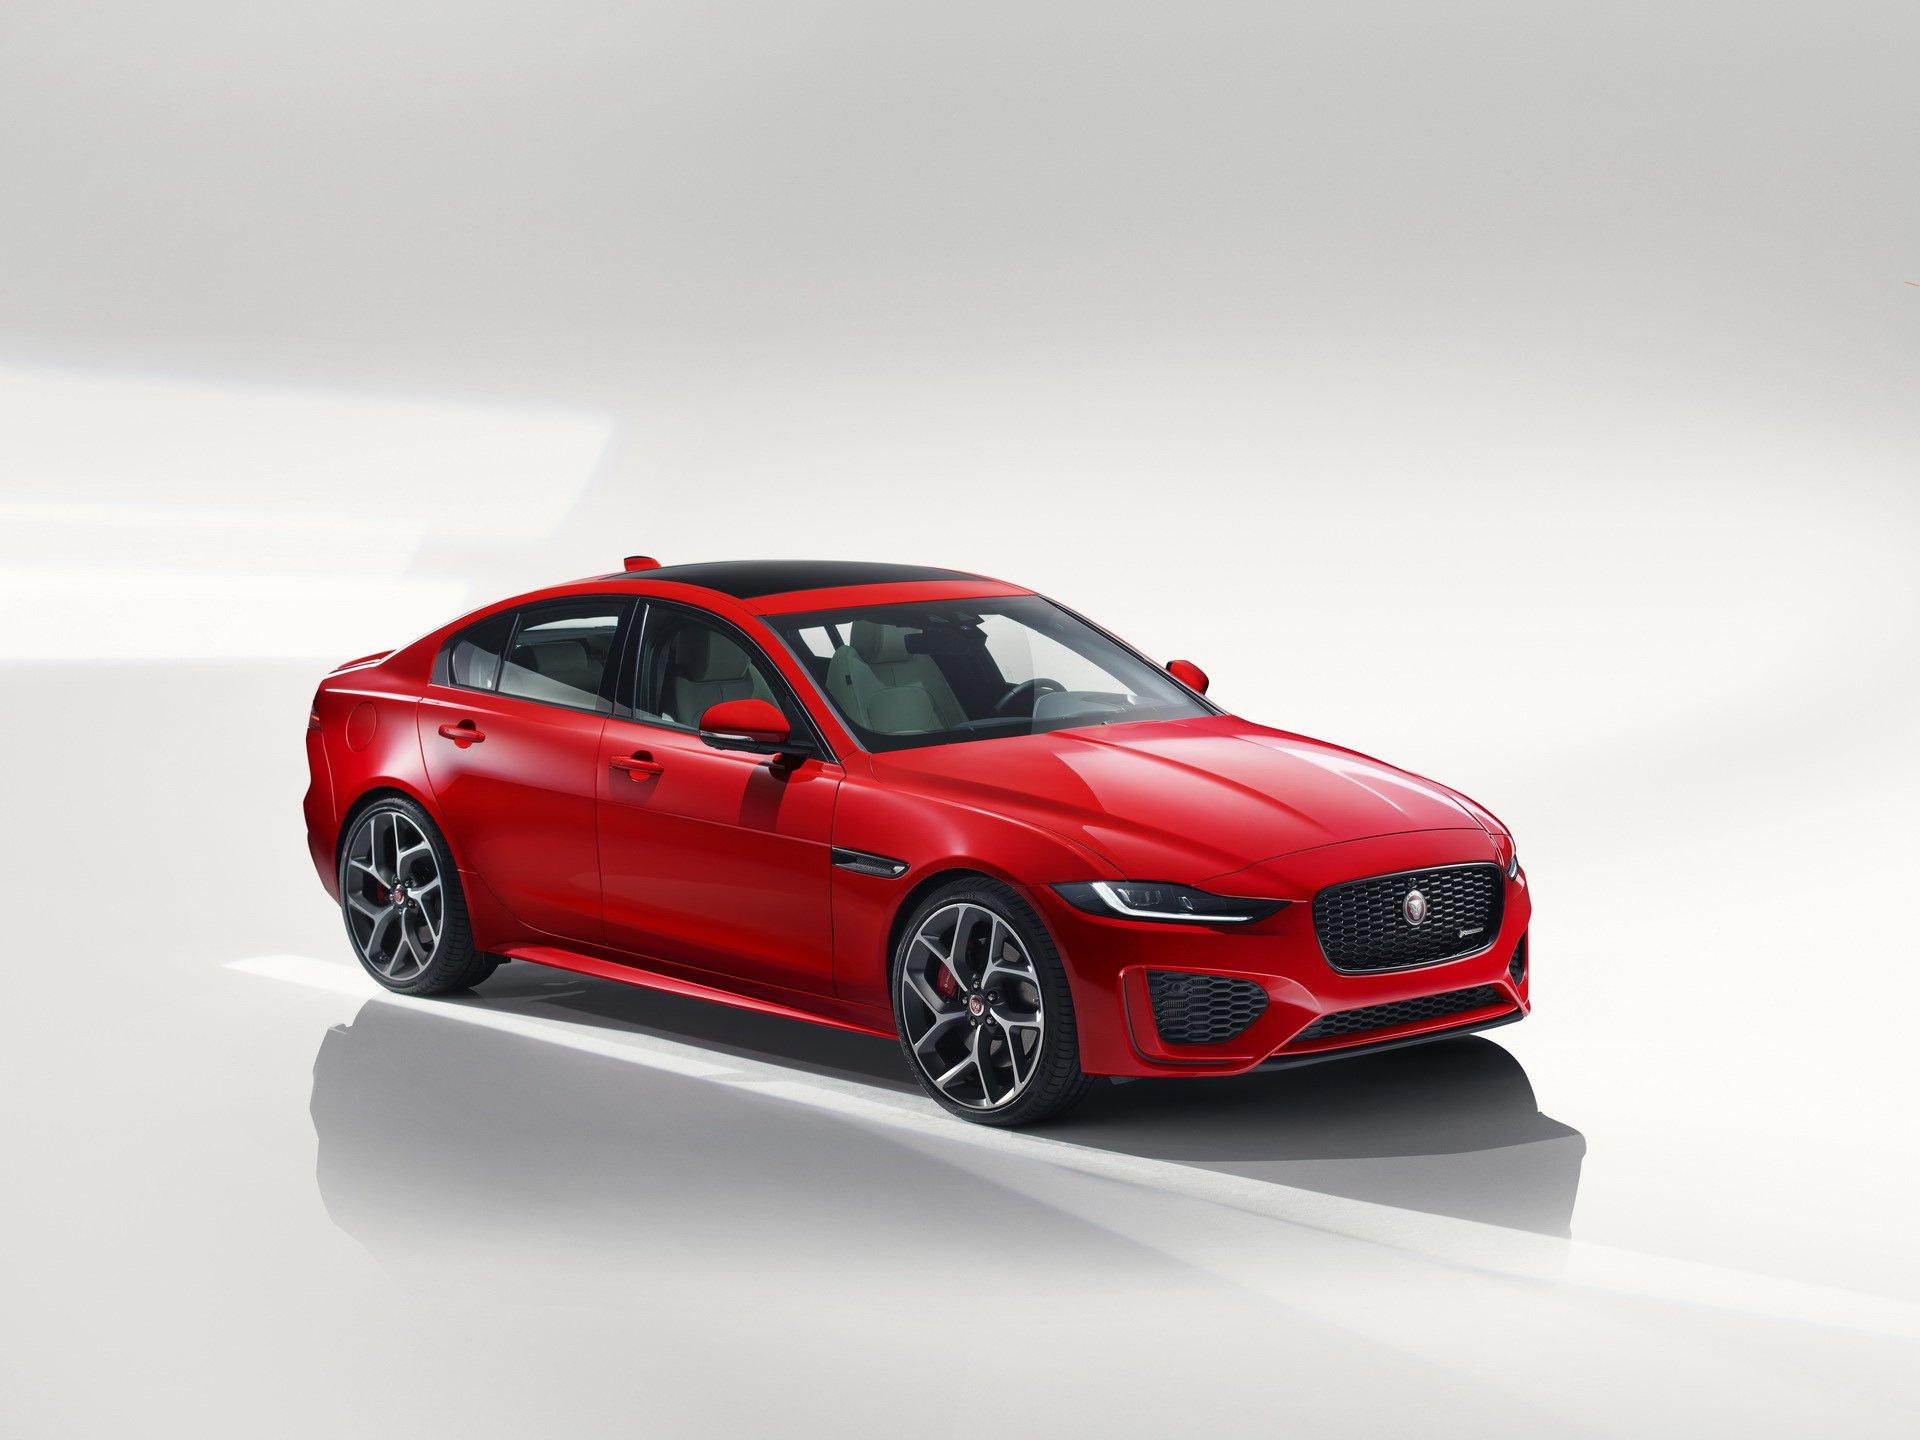 2020 jaguar xe revealed facelifted model drops v6 engine